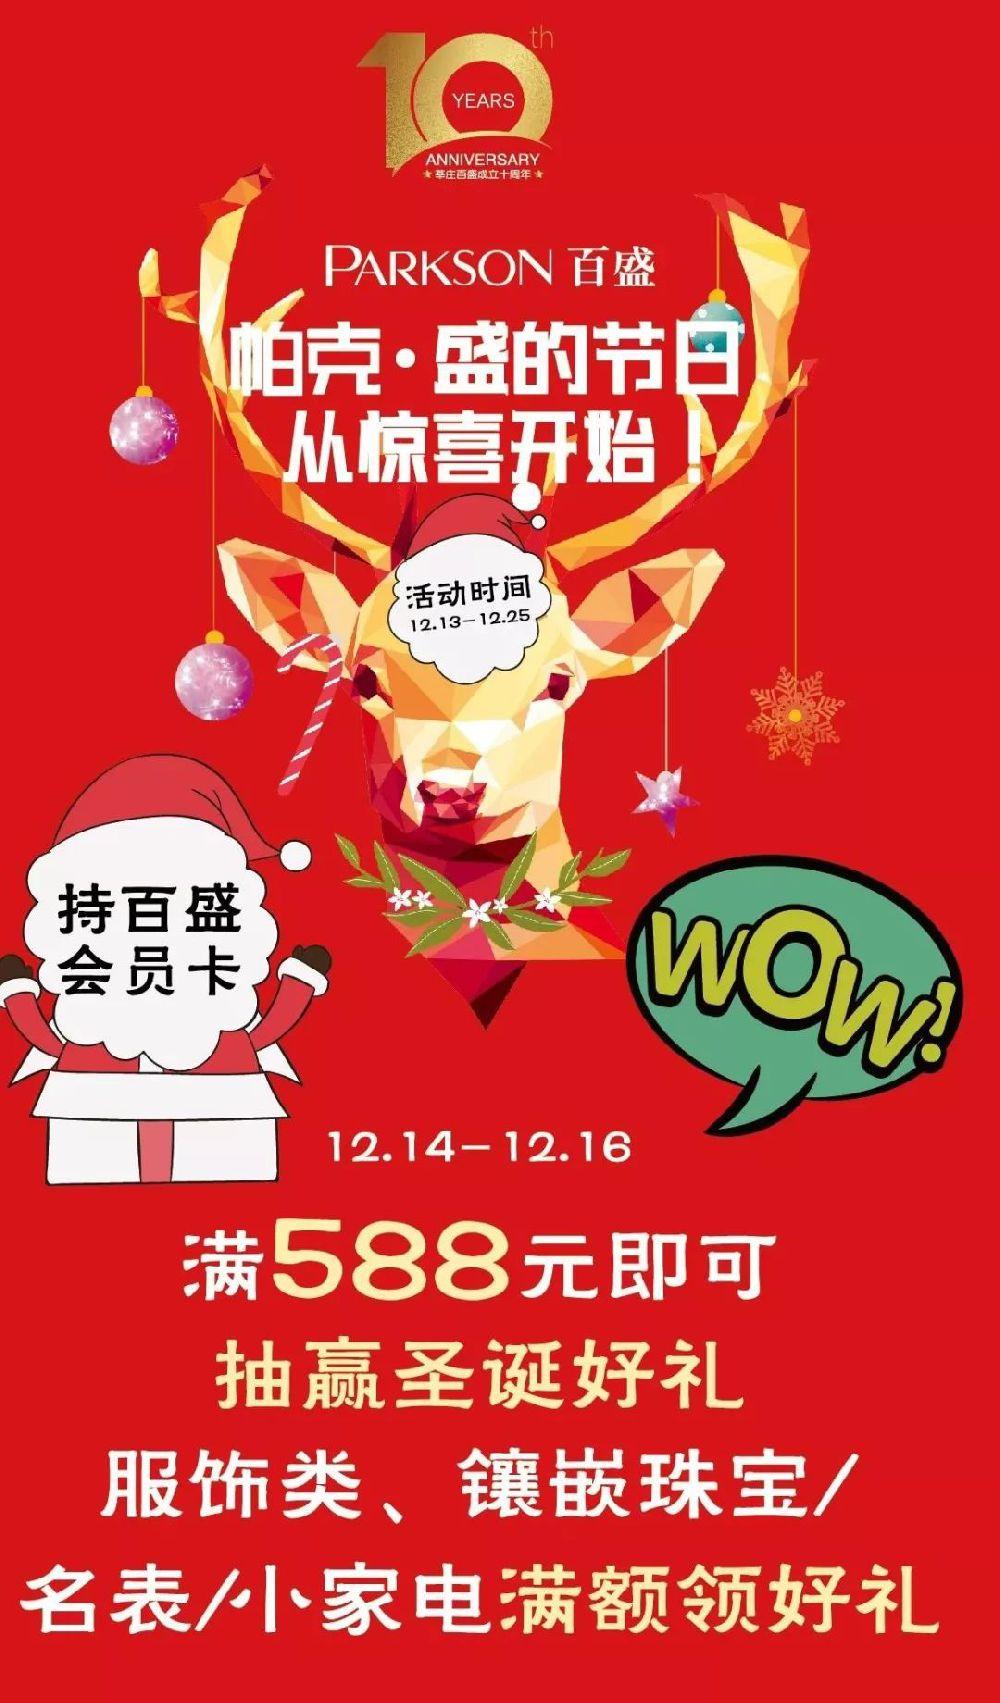 上海莘庄百盛2018圣诞季折扣 服饰满99减50